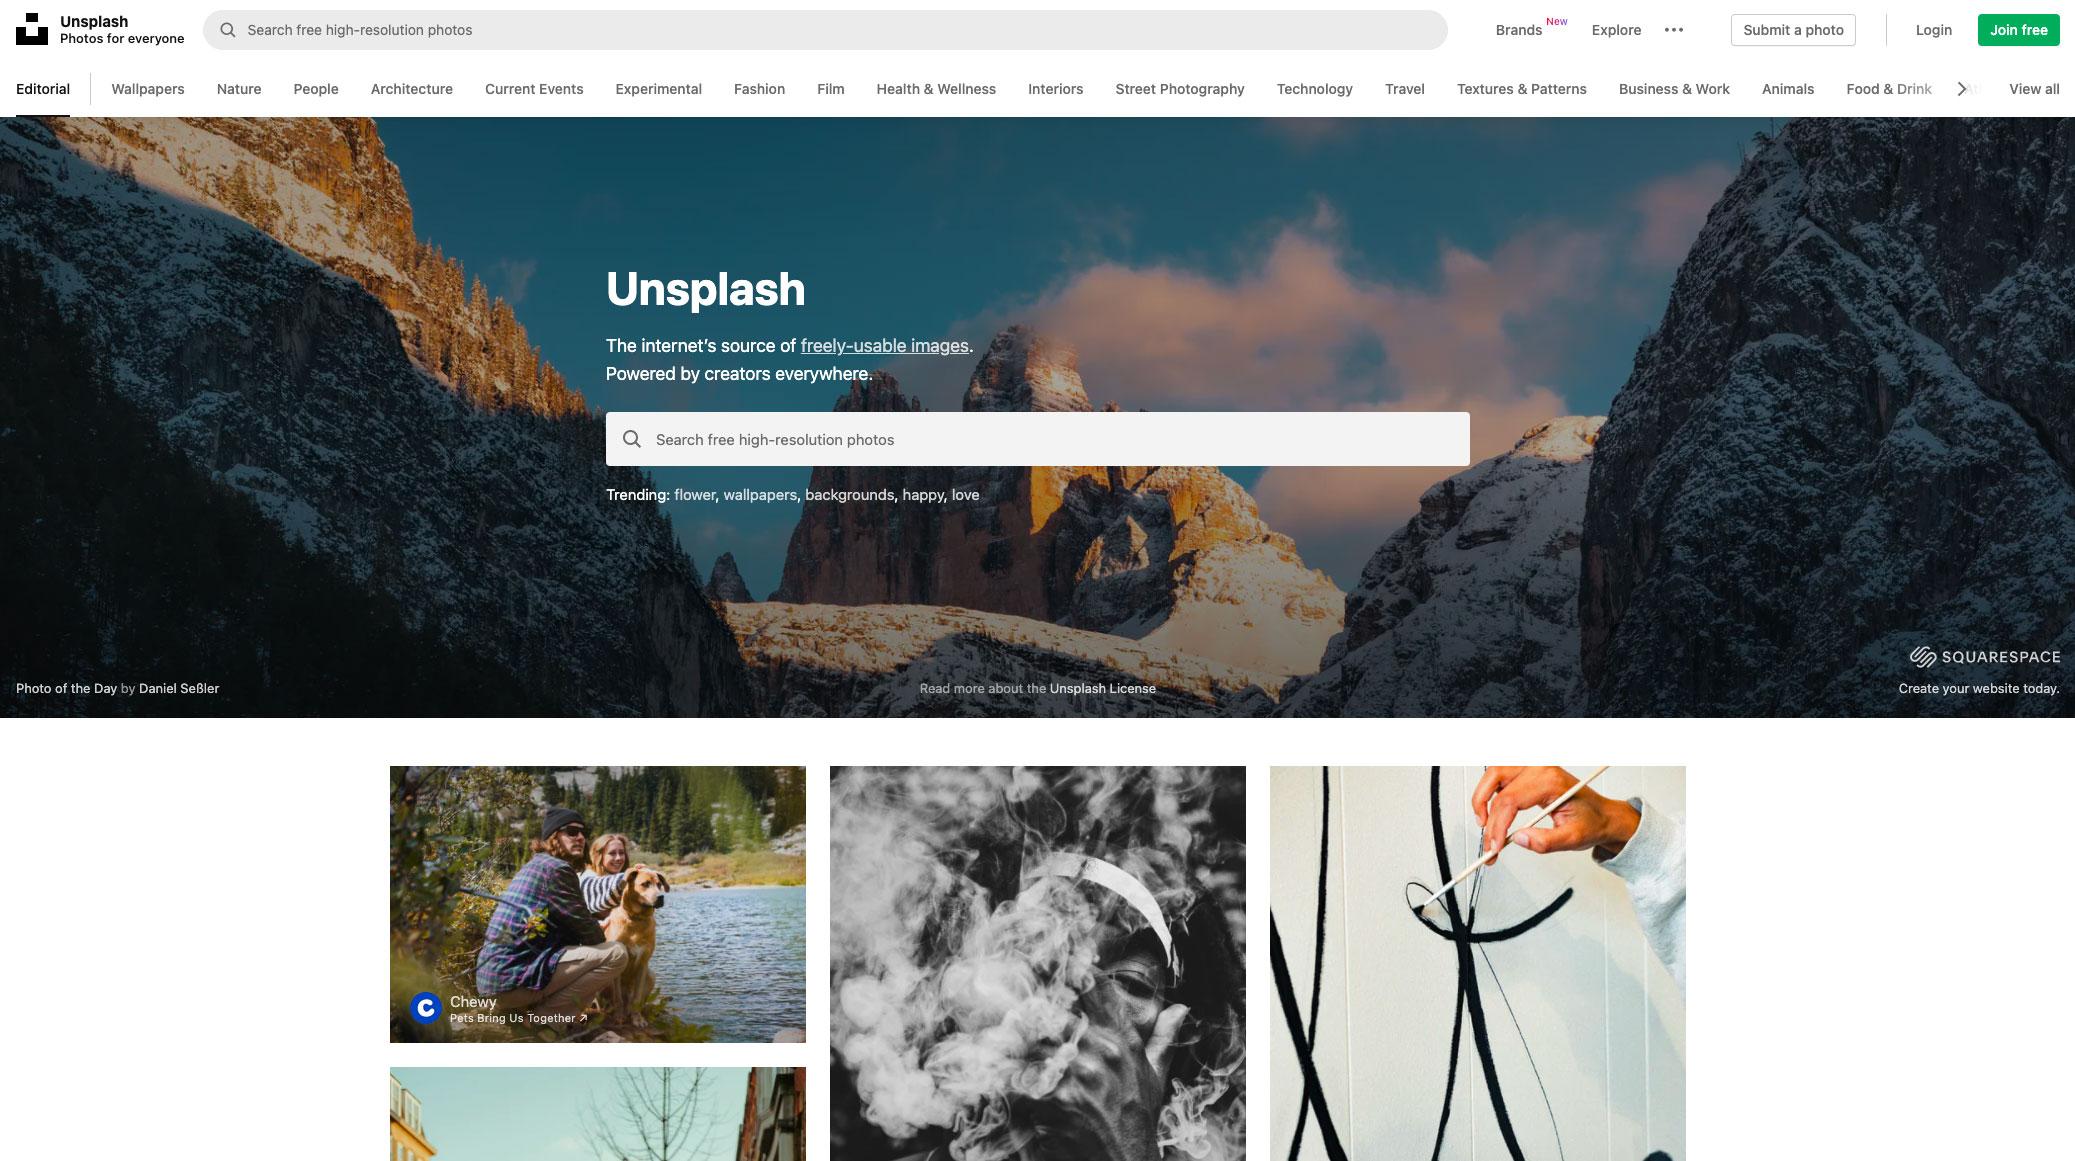 La page d'accueil de Unsplash